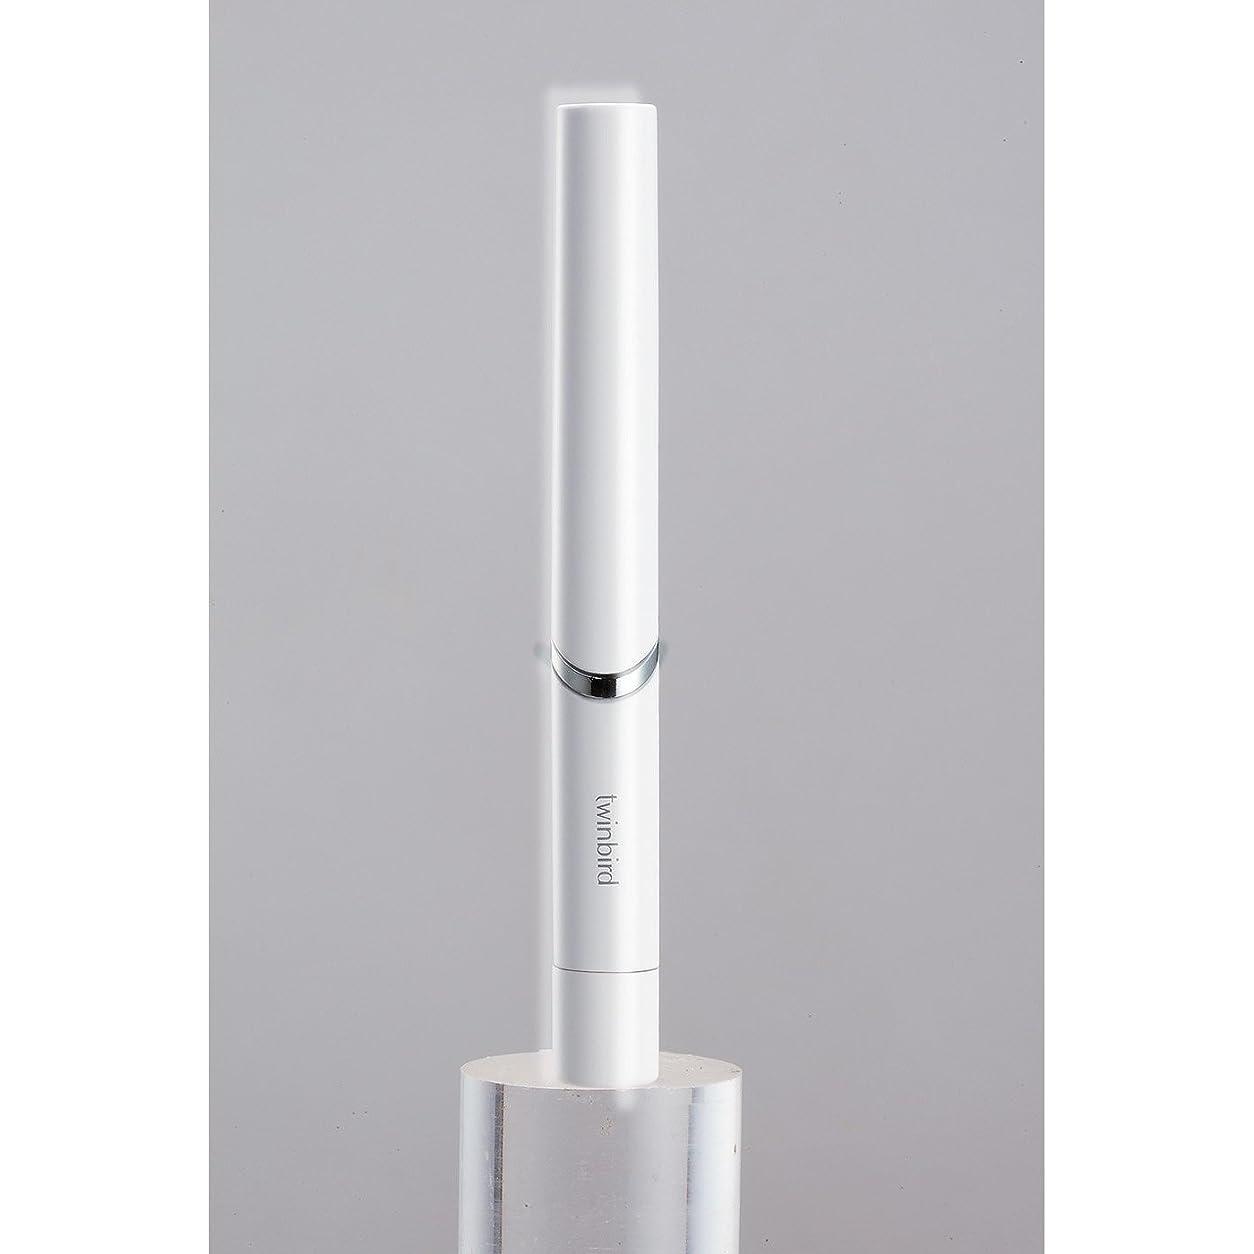 ドロップコミュニティ振るうツインバード 音波振動式歯ブラシ BD-2741 ホワイト?BD-2741W